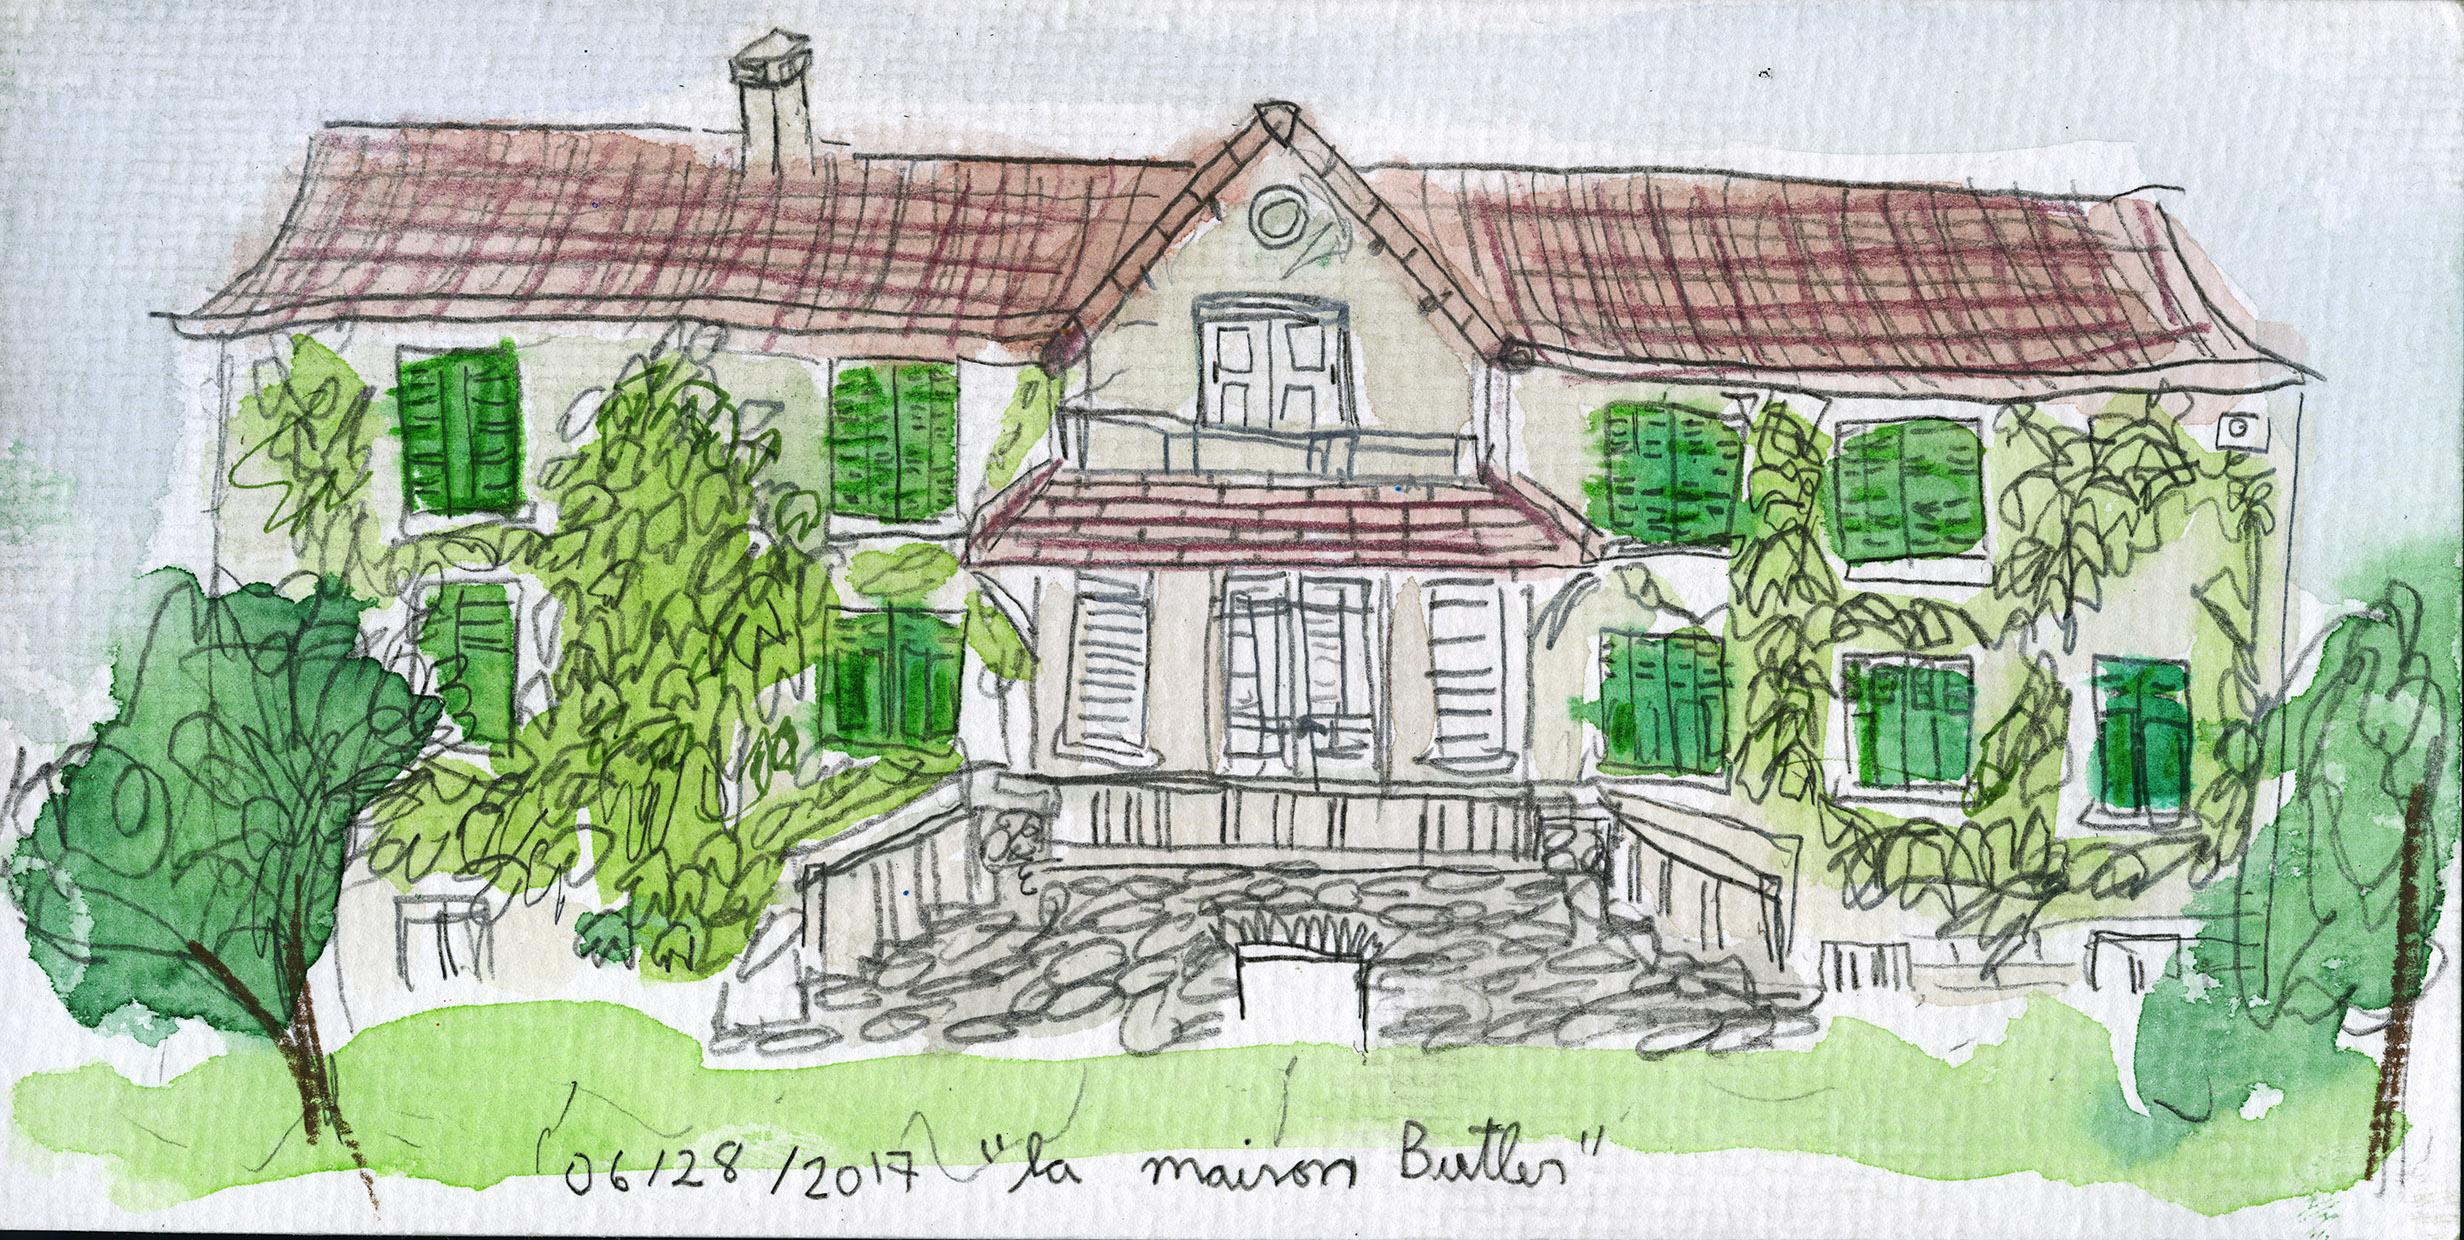 06-28-2017 la maison butler small